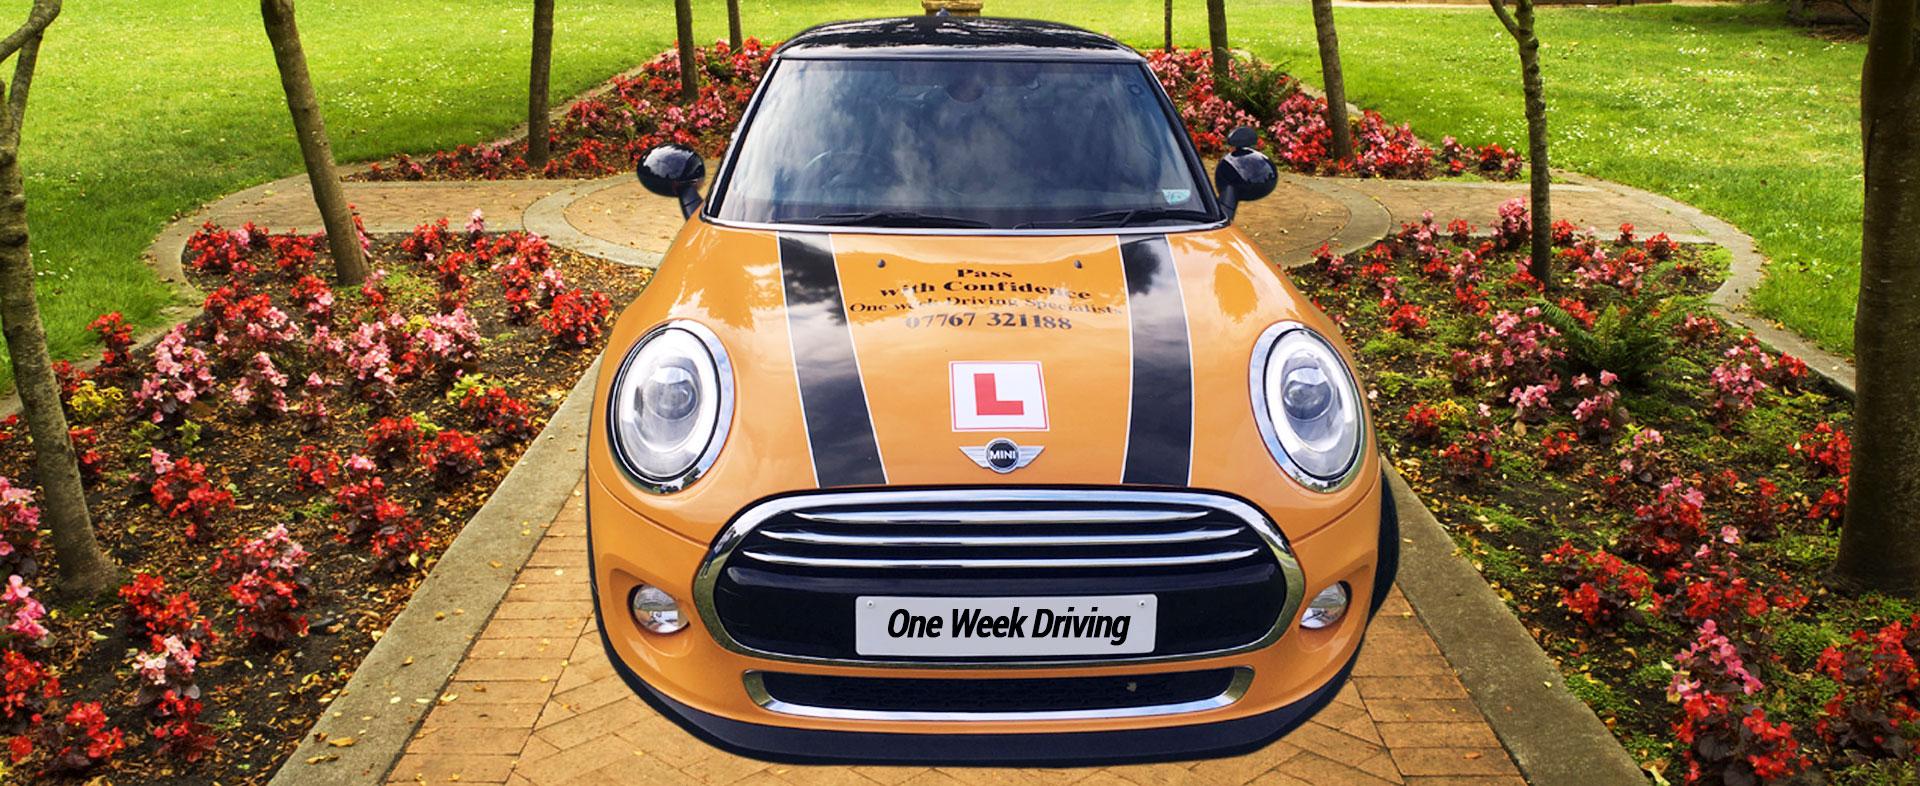 One Week Driving slide - 5